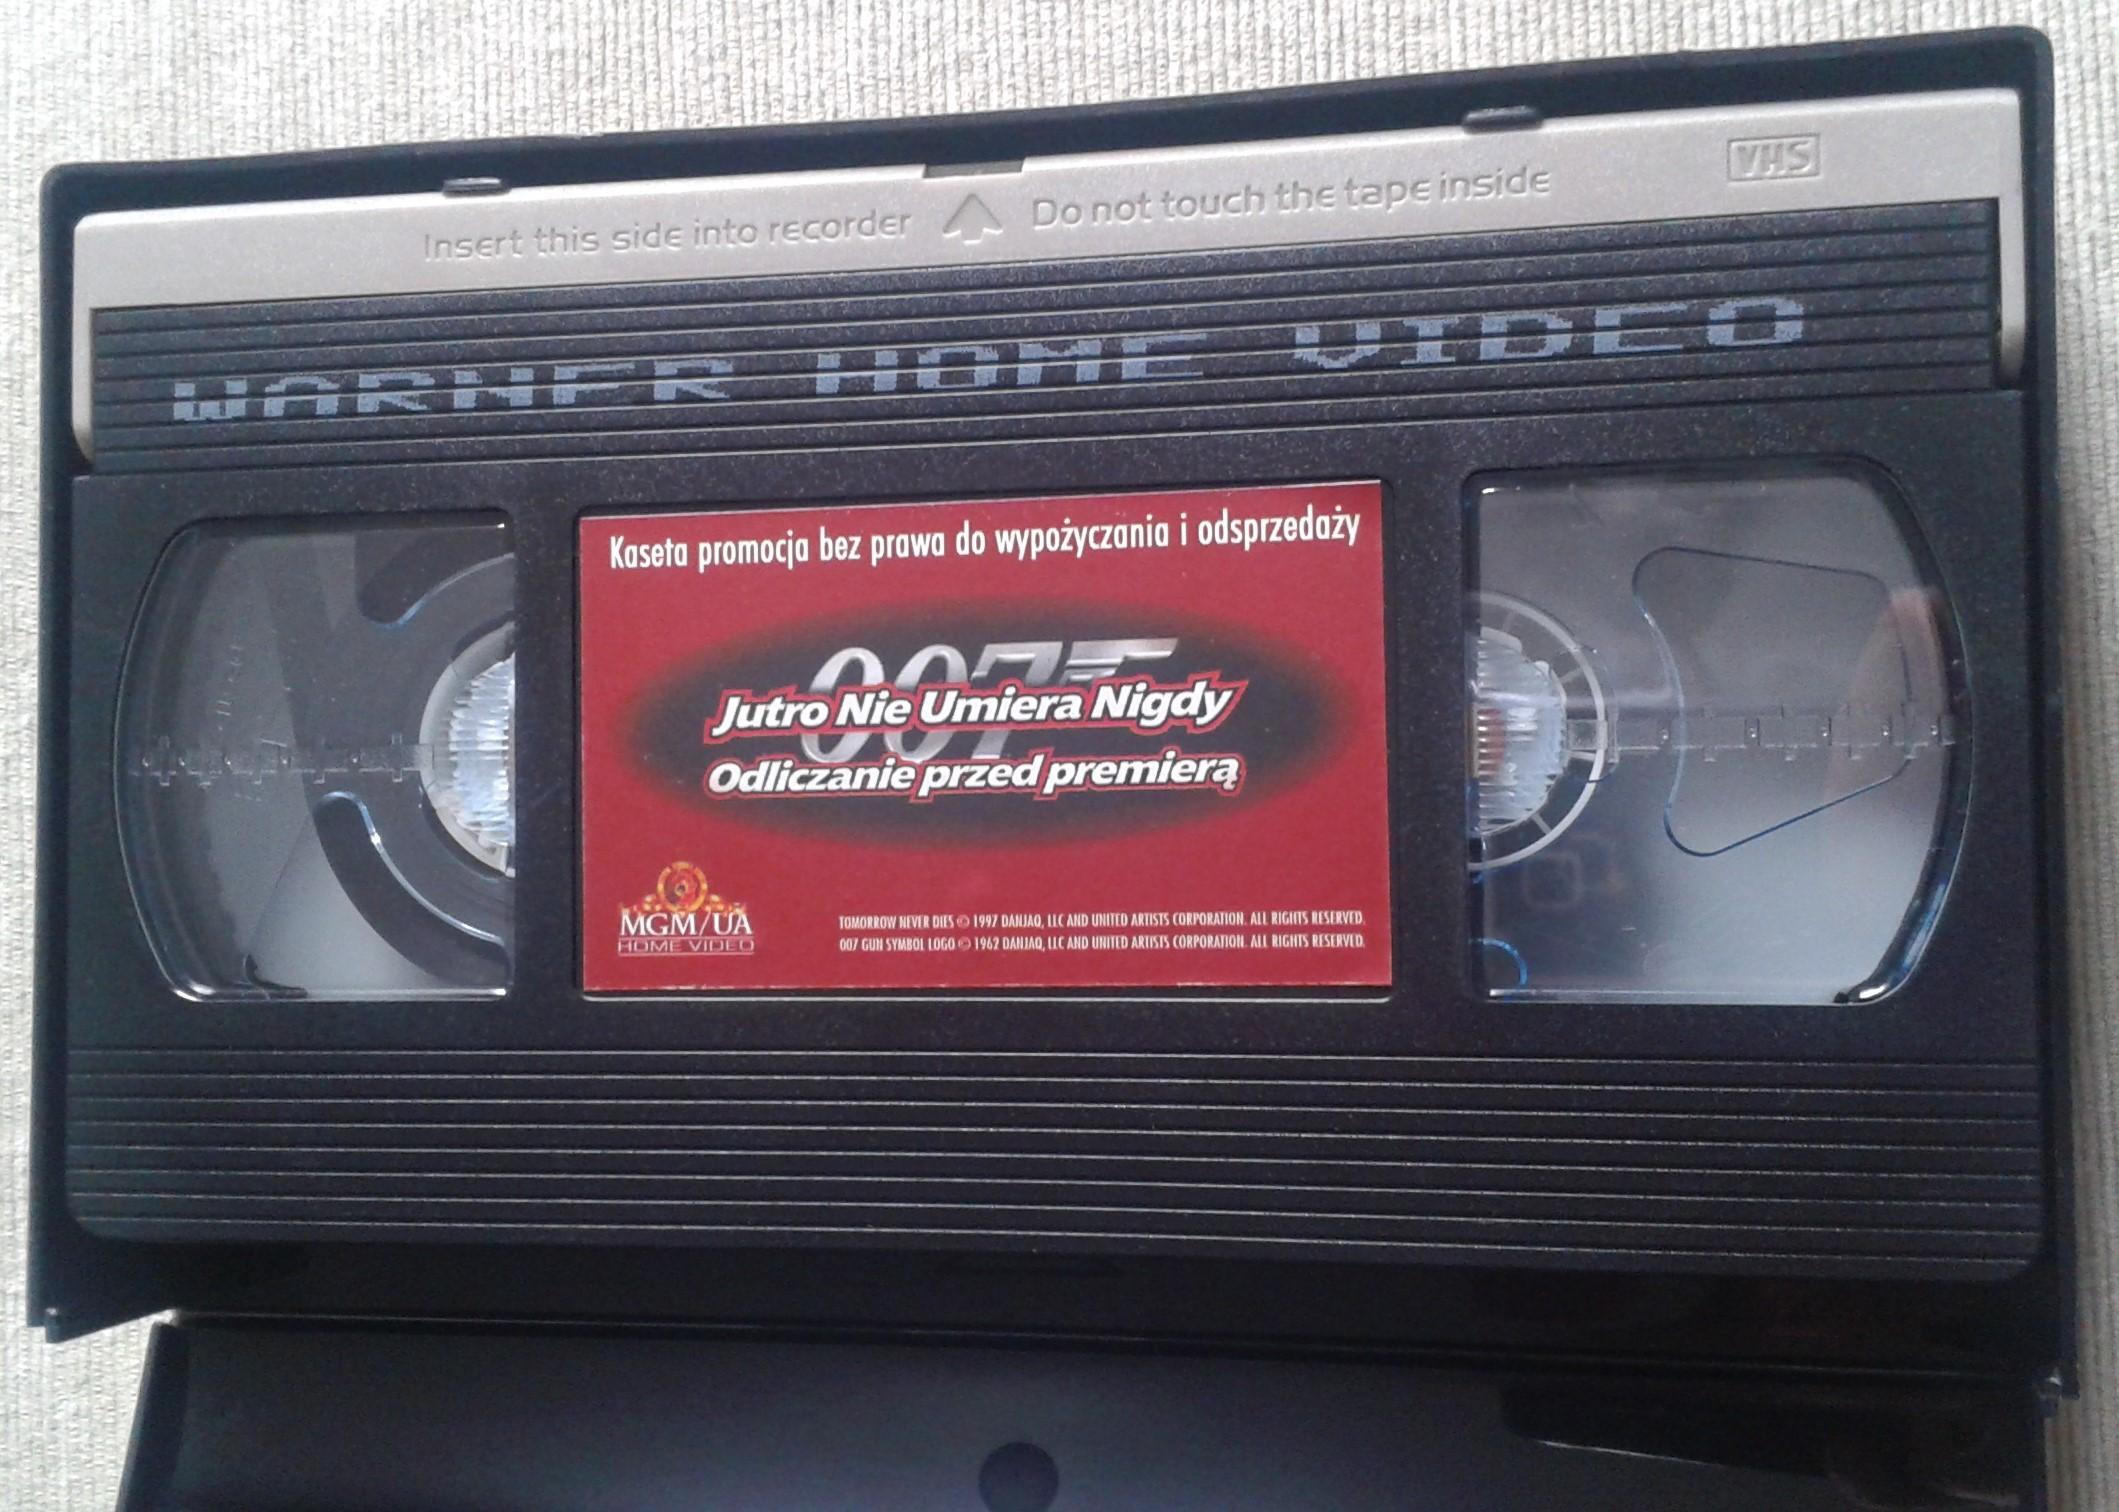 Jutro nie umiera nigdy - kaseta promocyjna (Warner, 1997)